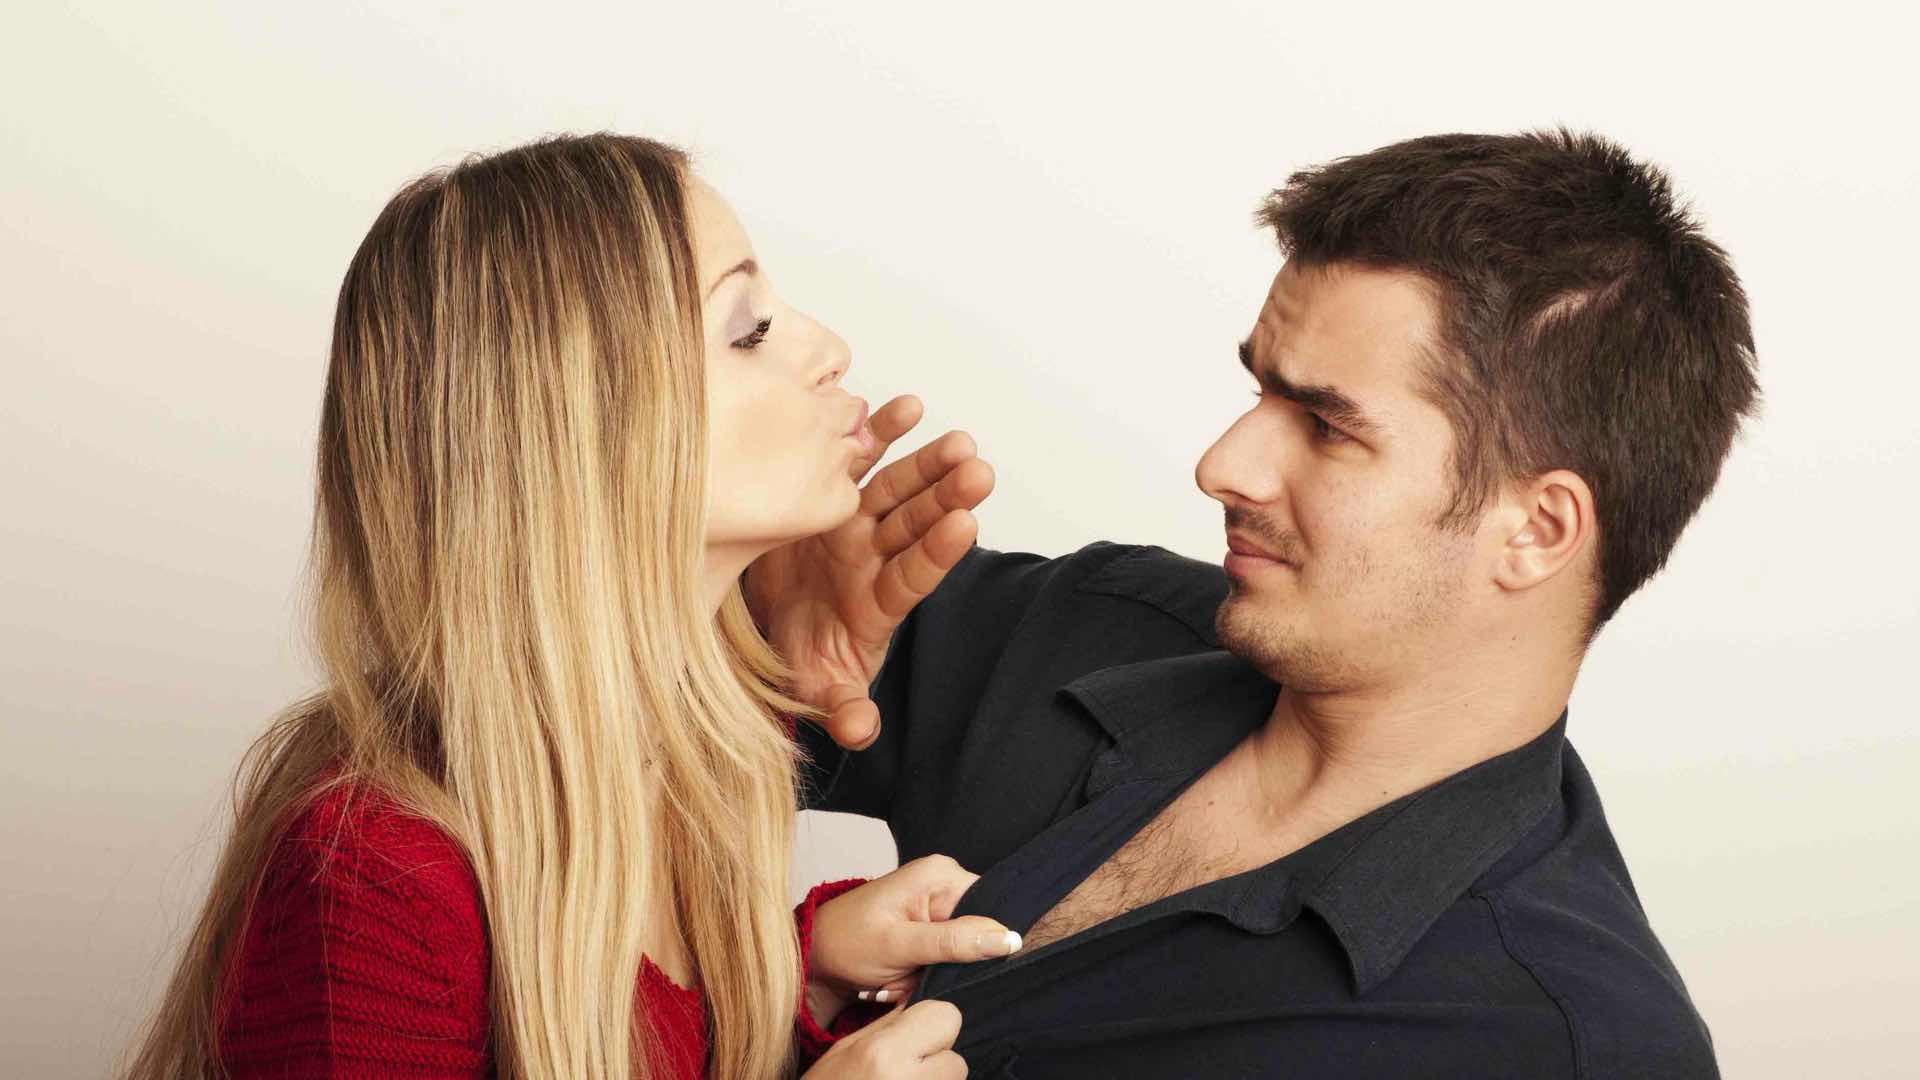 Mundgeruch in der Partnerschaft